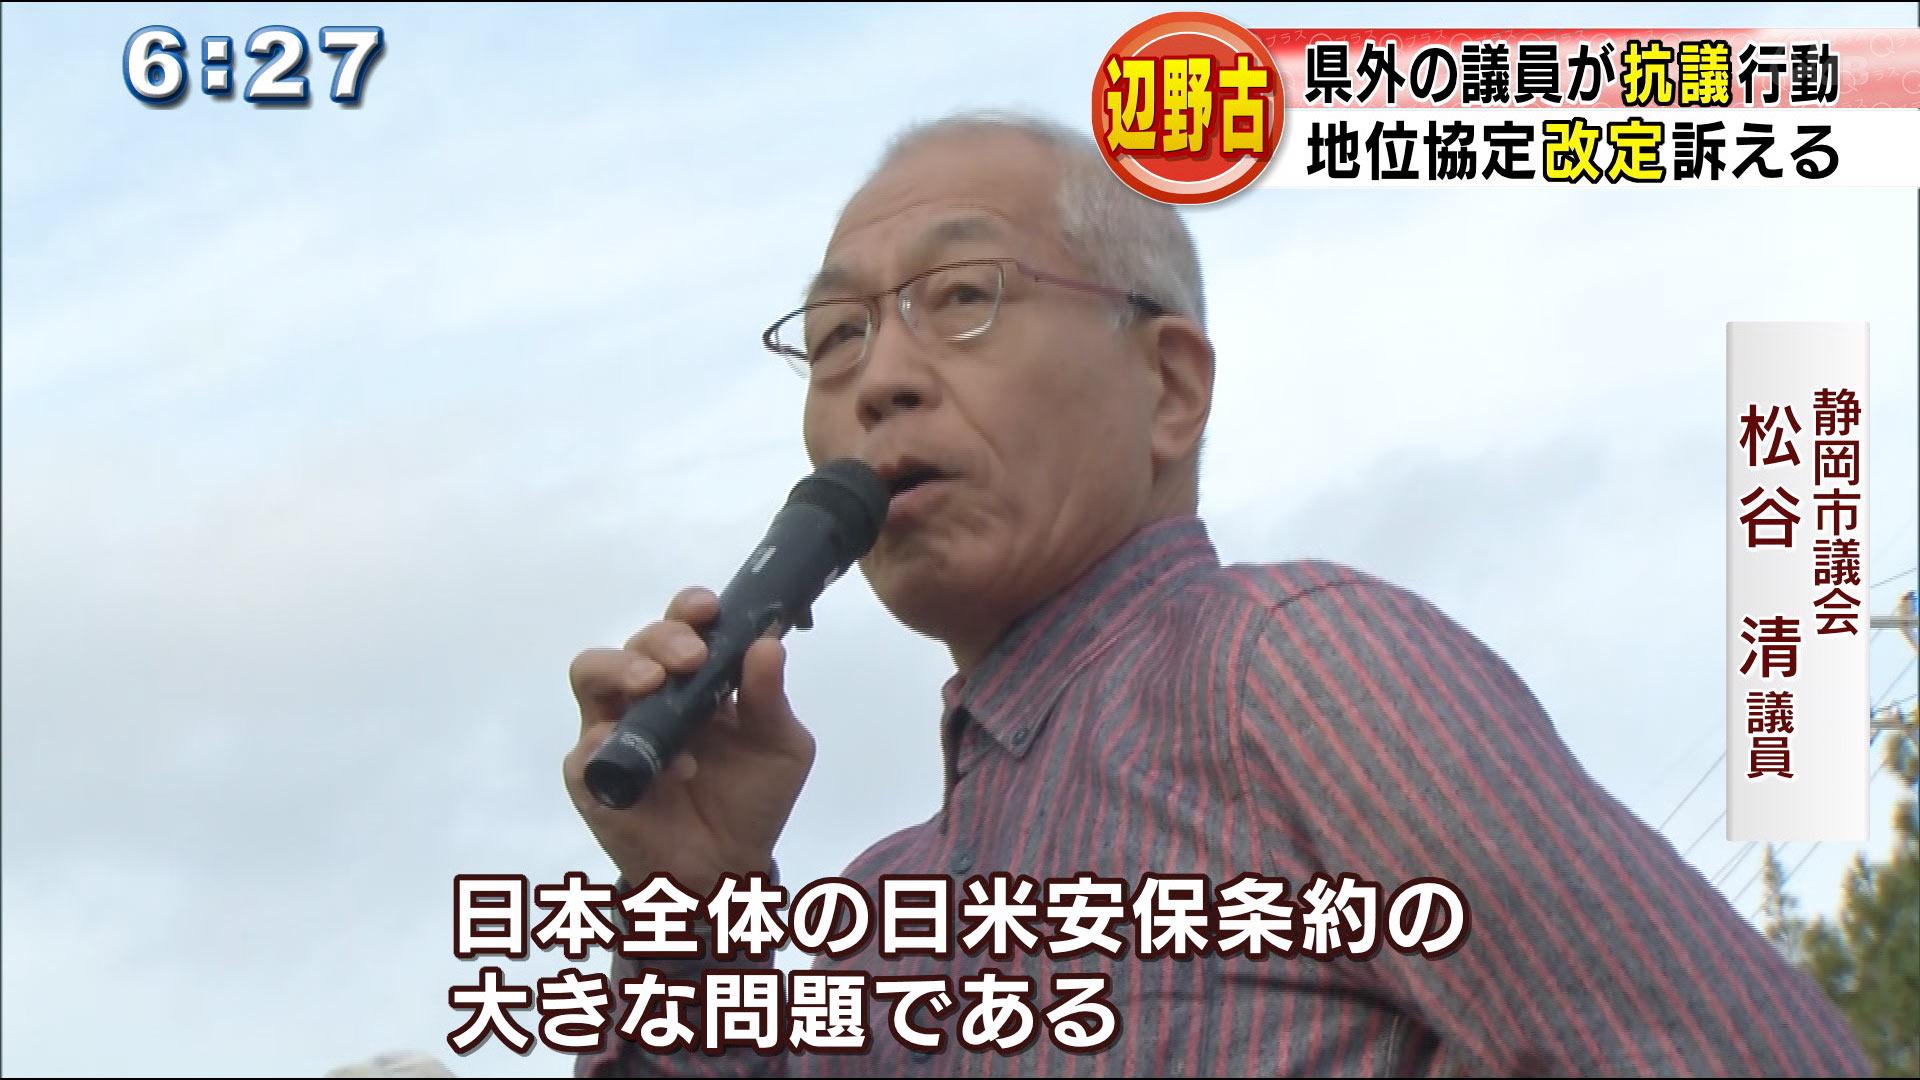 県外の議員が辺野古で抗議行動